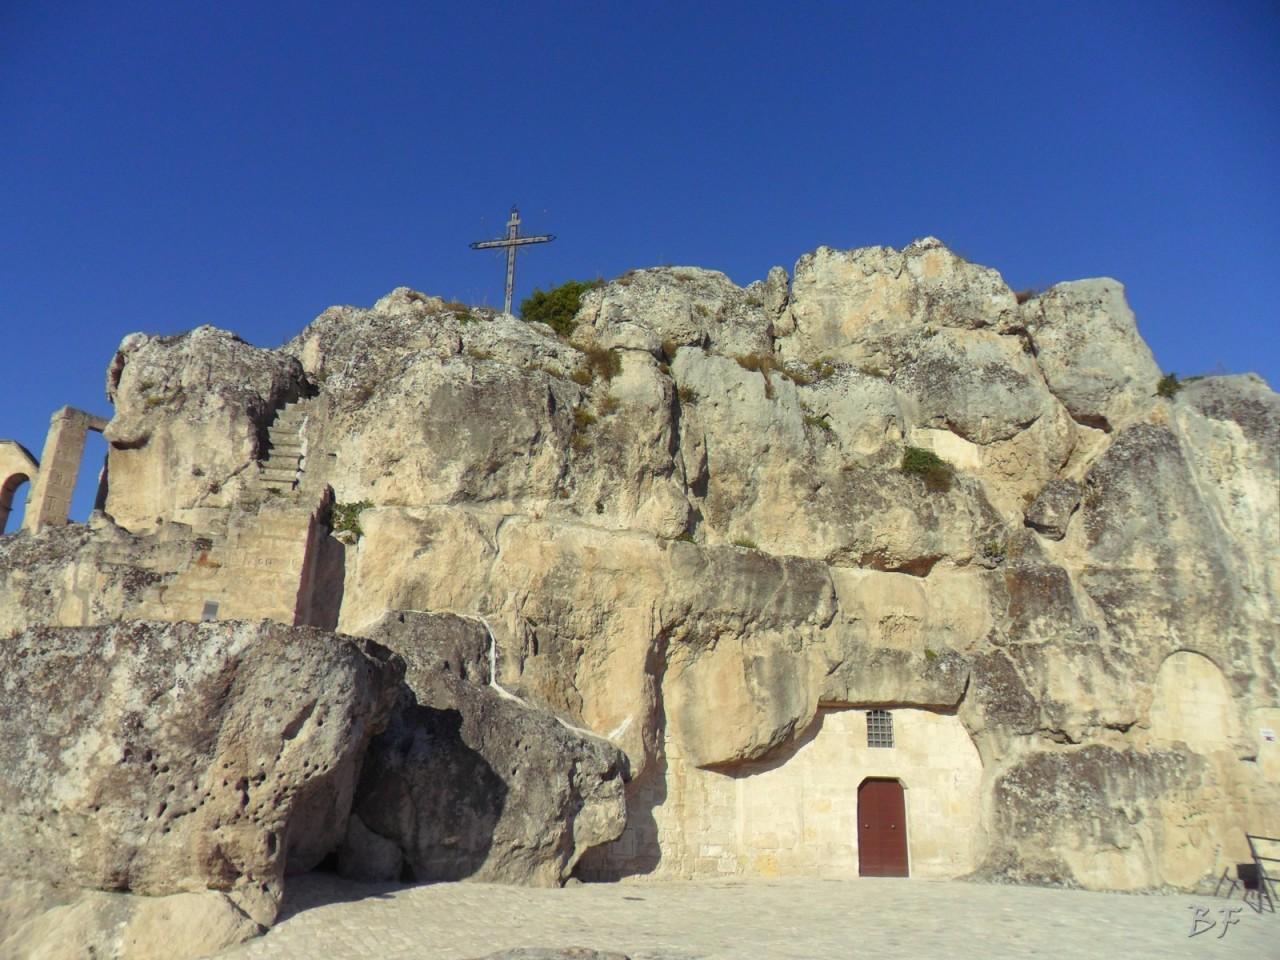 Sasso-Caveoso-Edifici-Rupestri-Megaliti-Sassi-di-Matera-basilicata-Italia-13